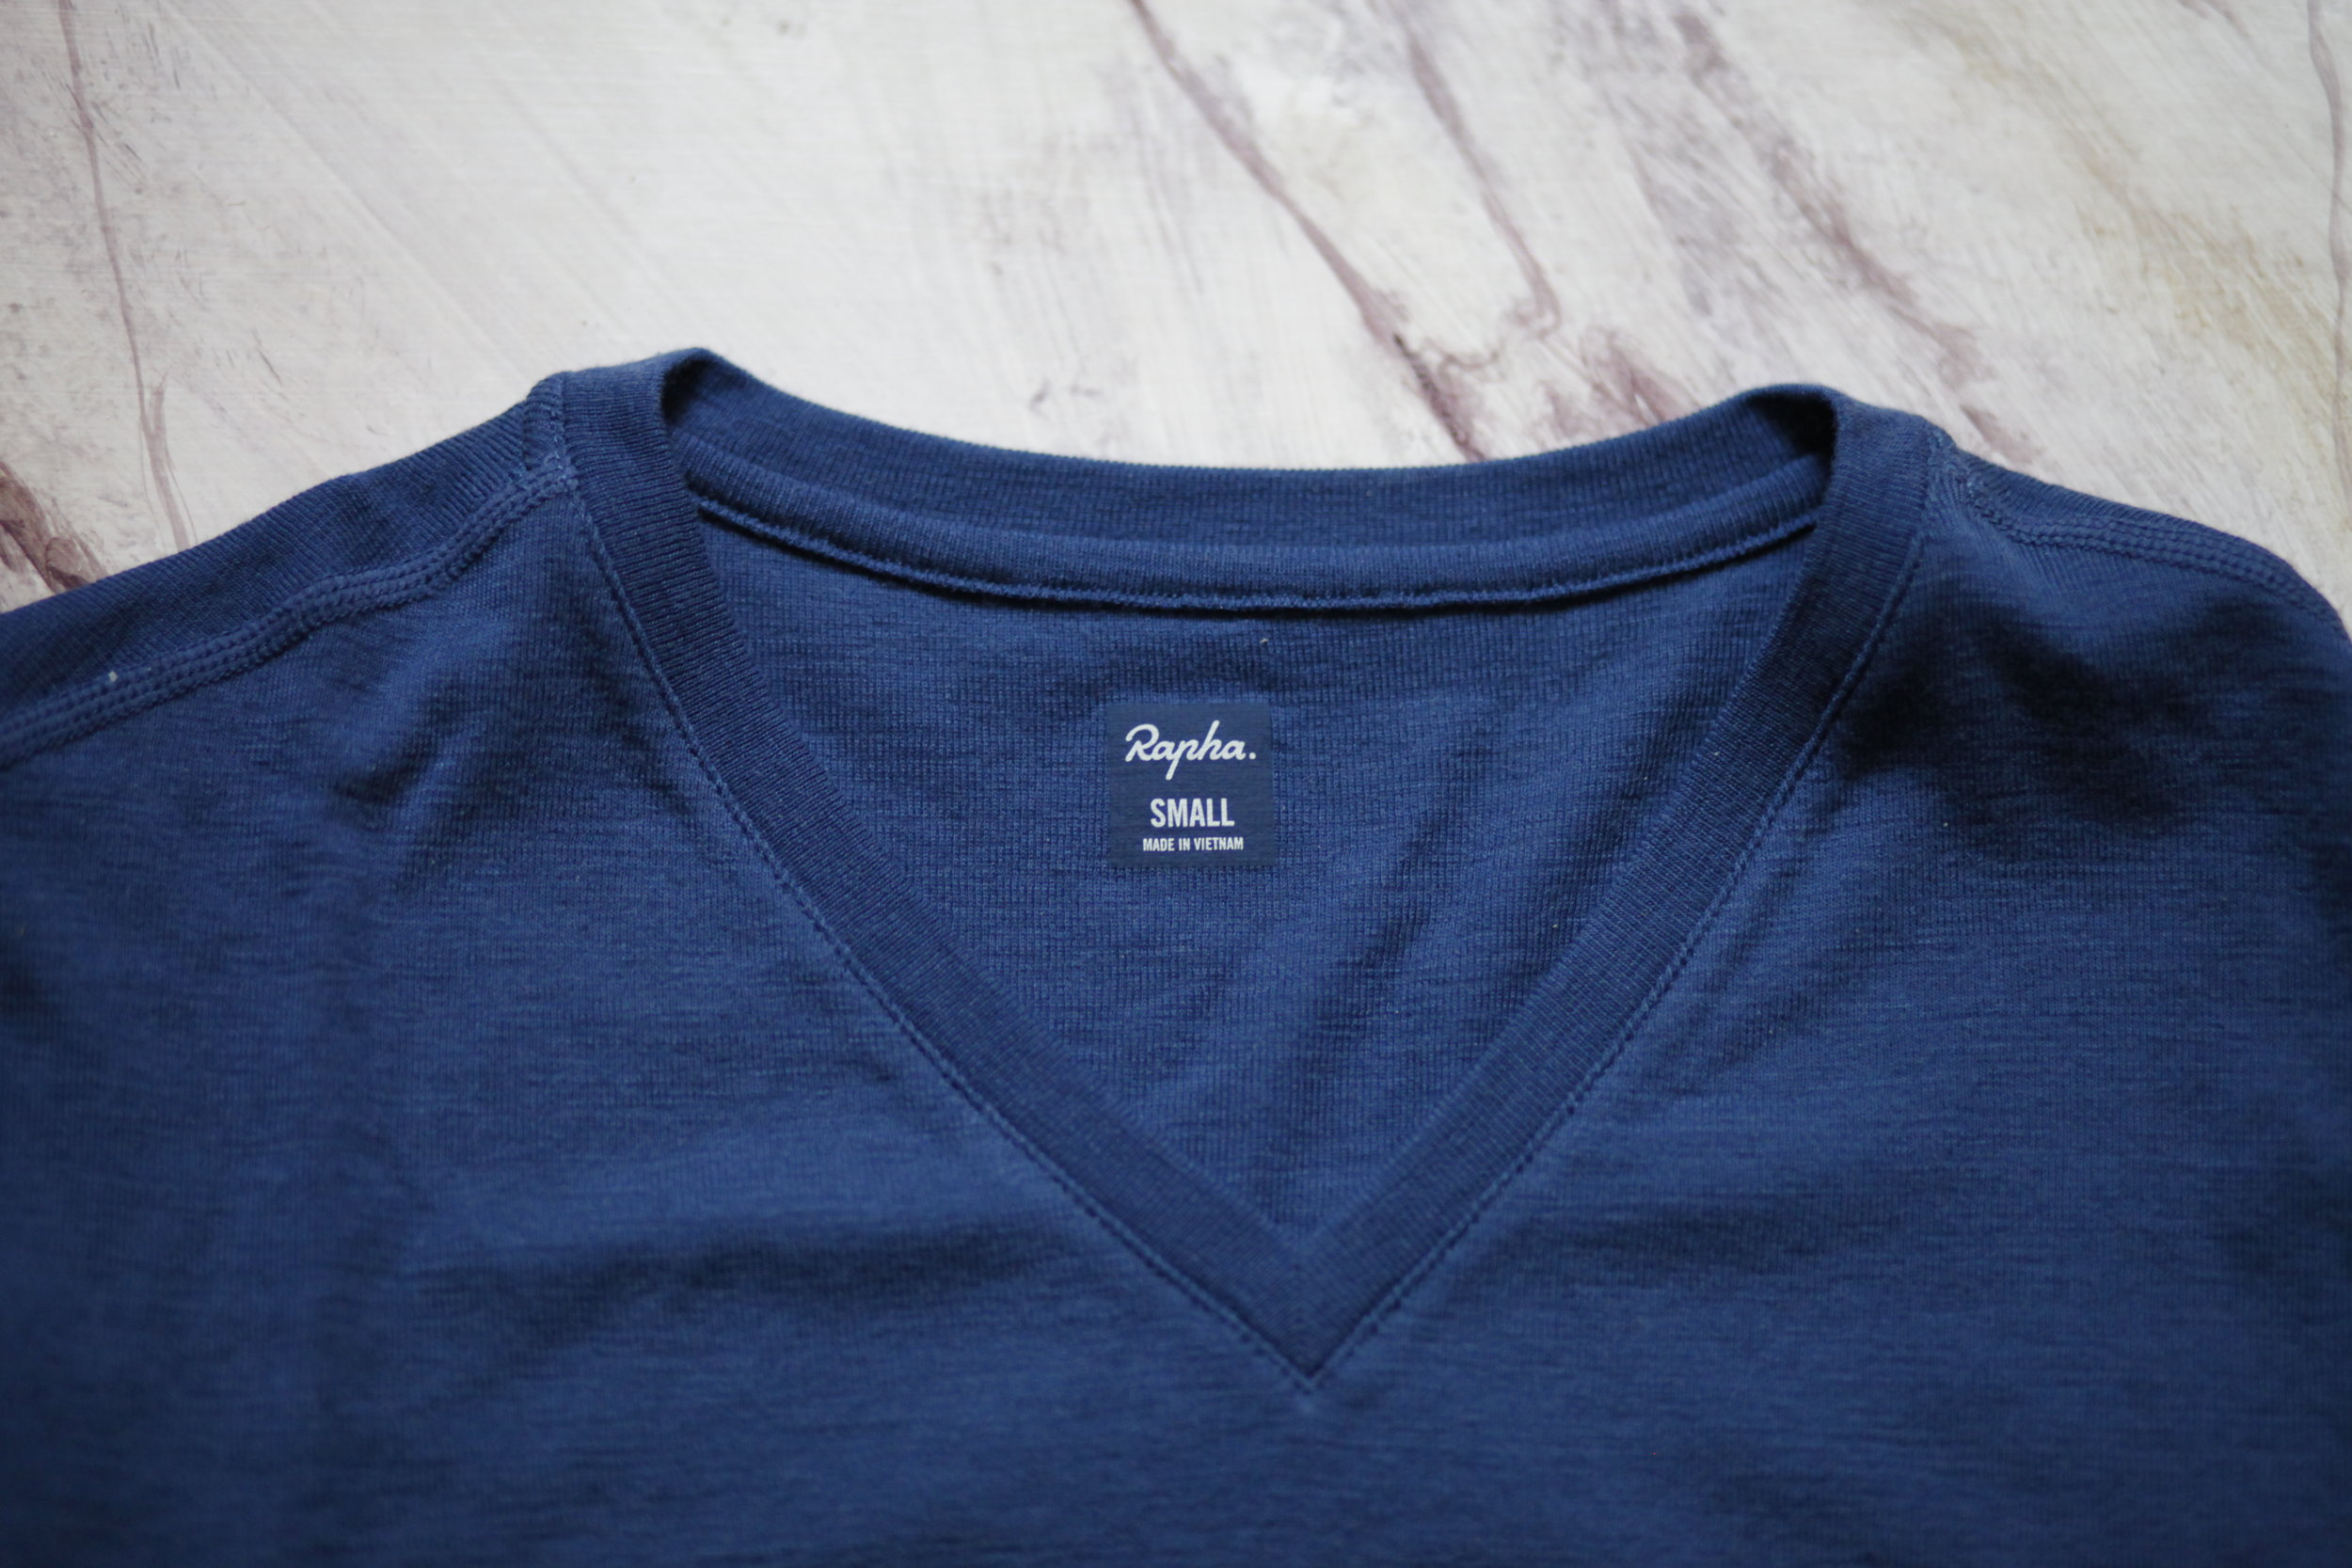 Rapha laine mérinos t shirt (3).JPG